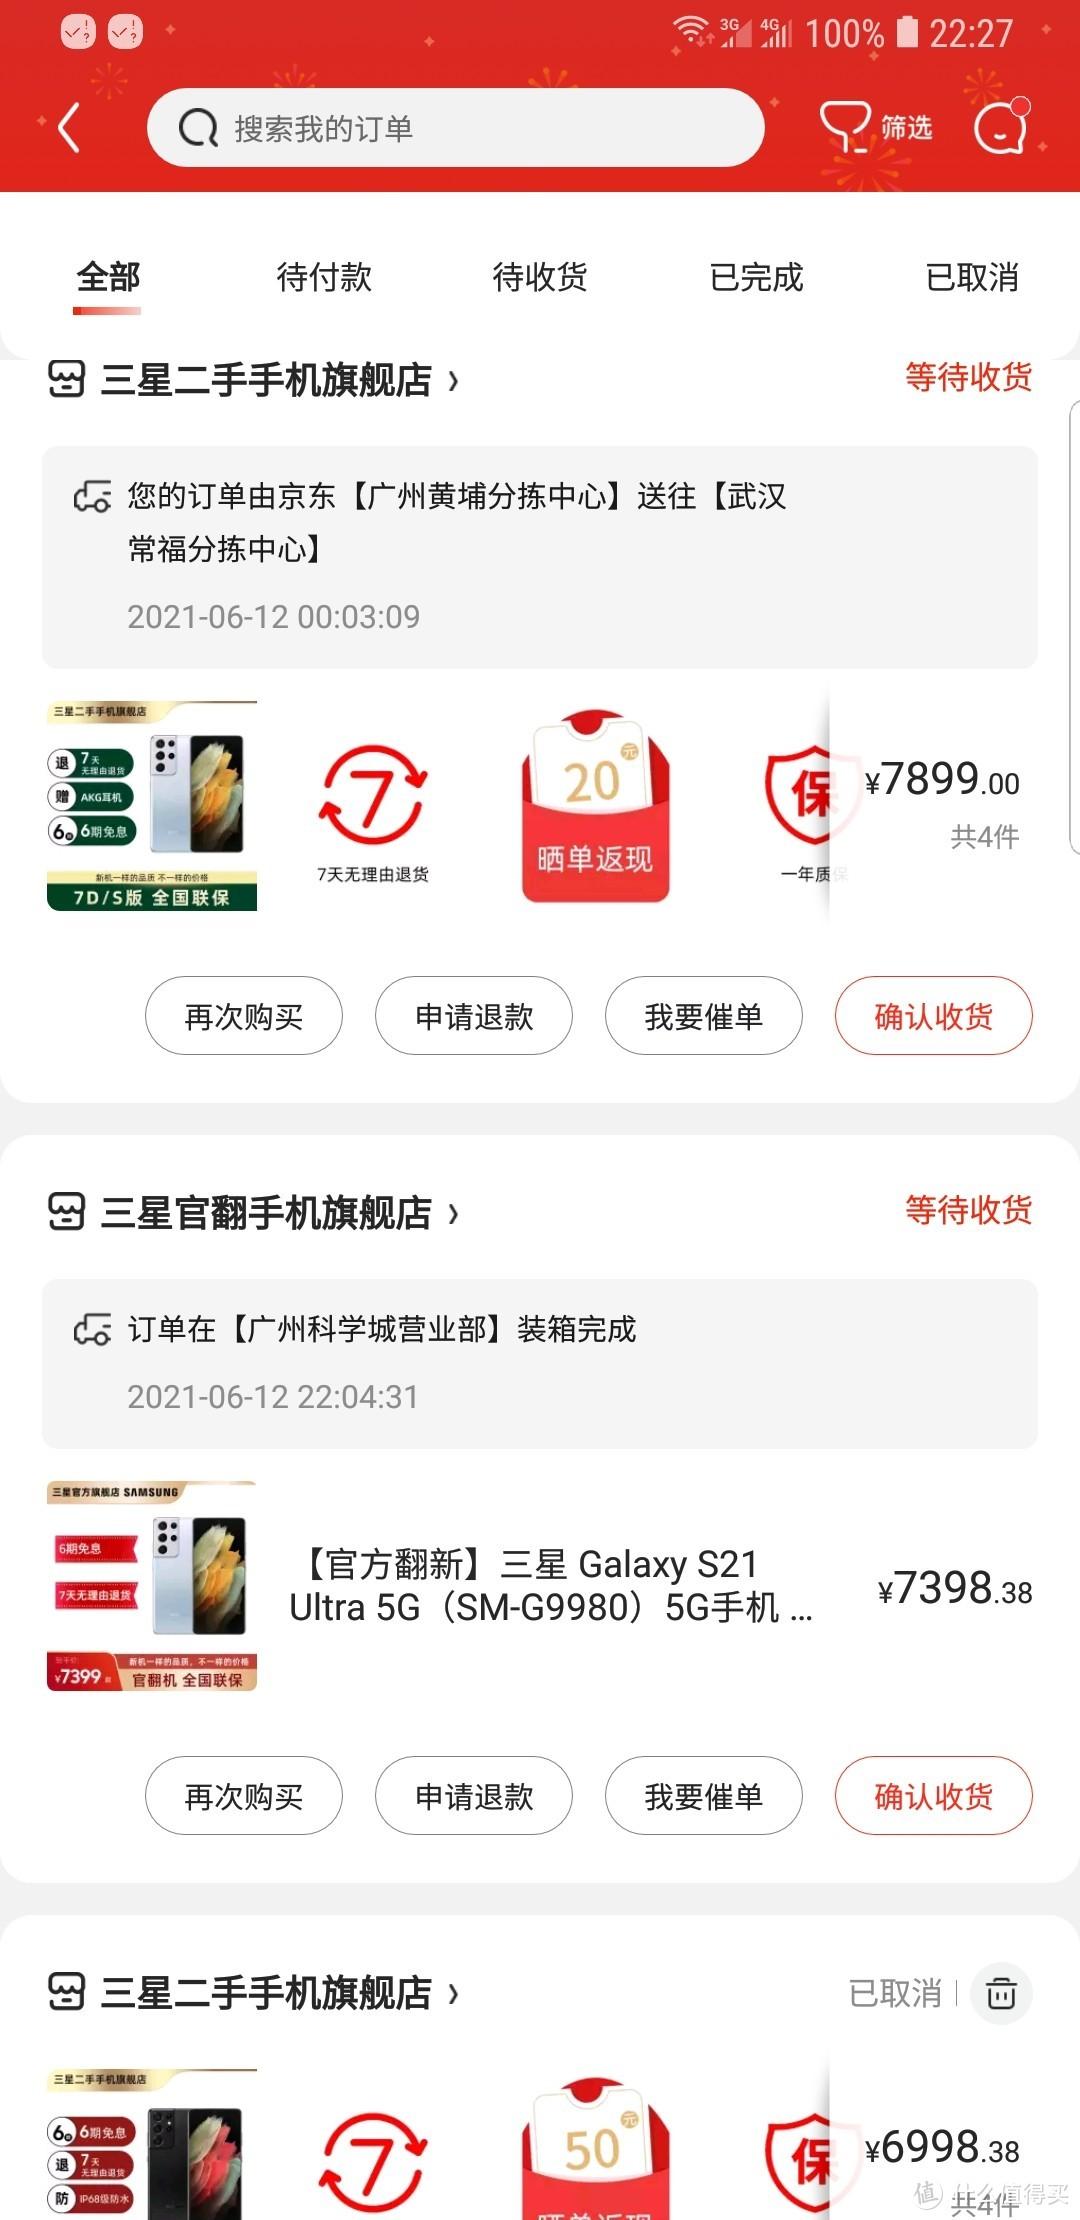 手机市场水那么深,低价优质的三星S21 Ultra怎么购买不会翻车?